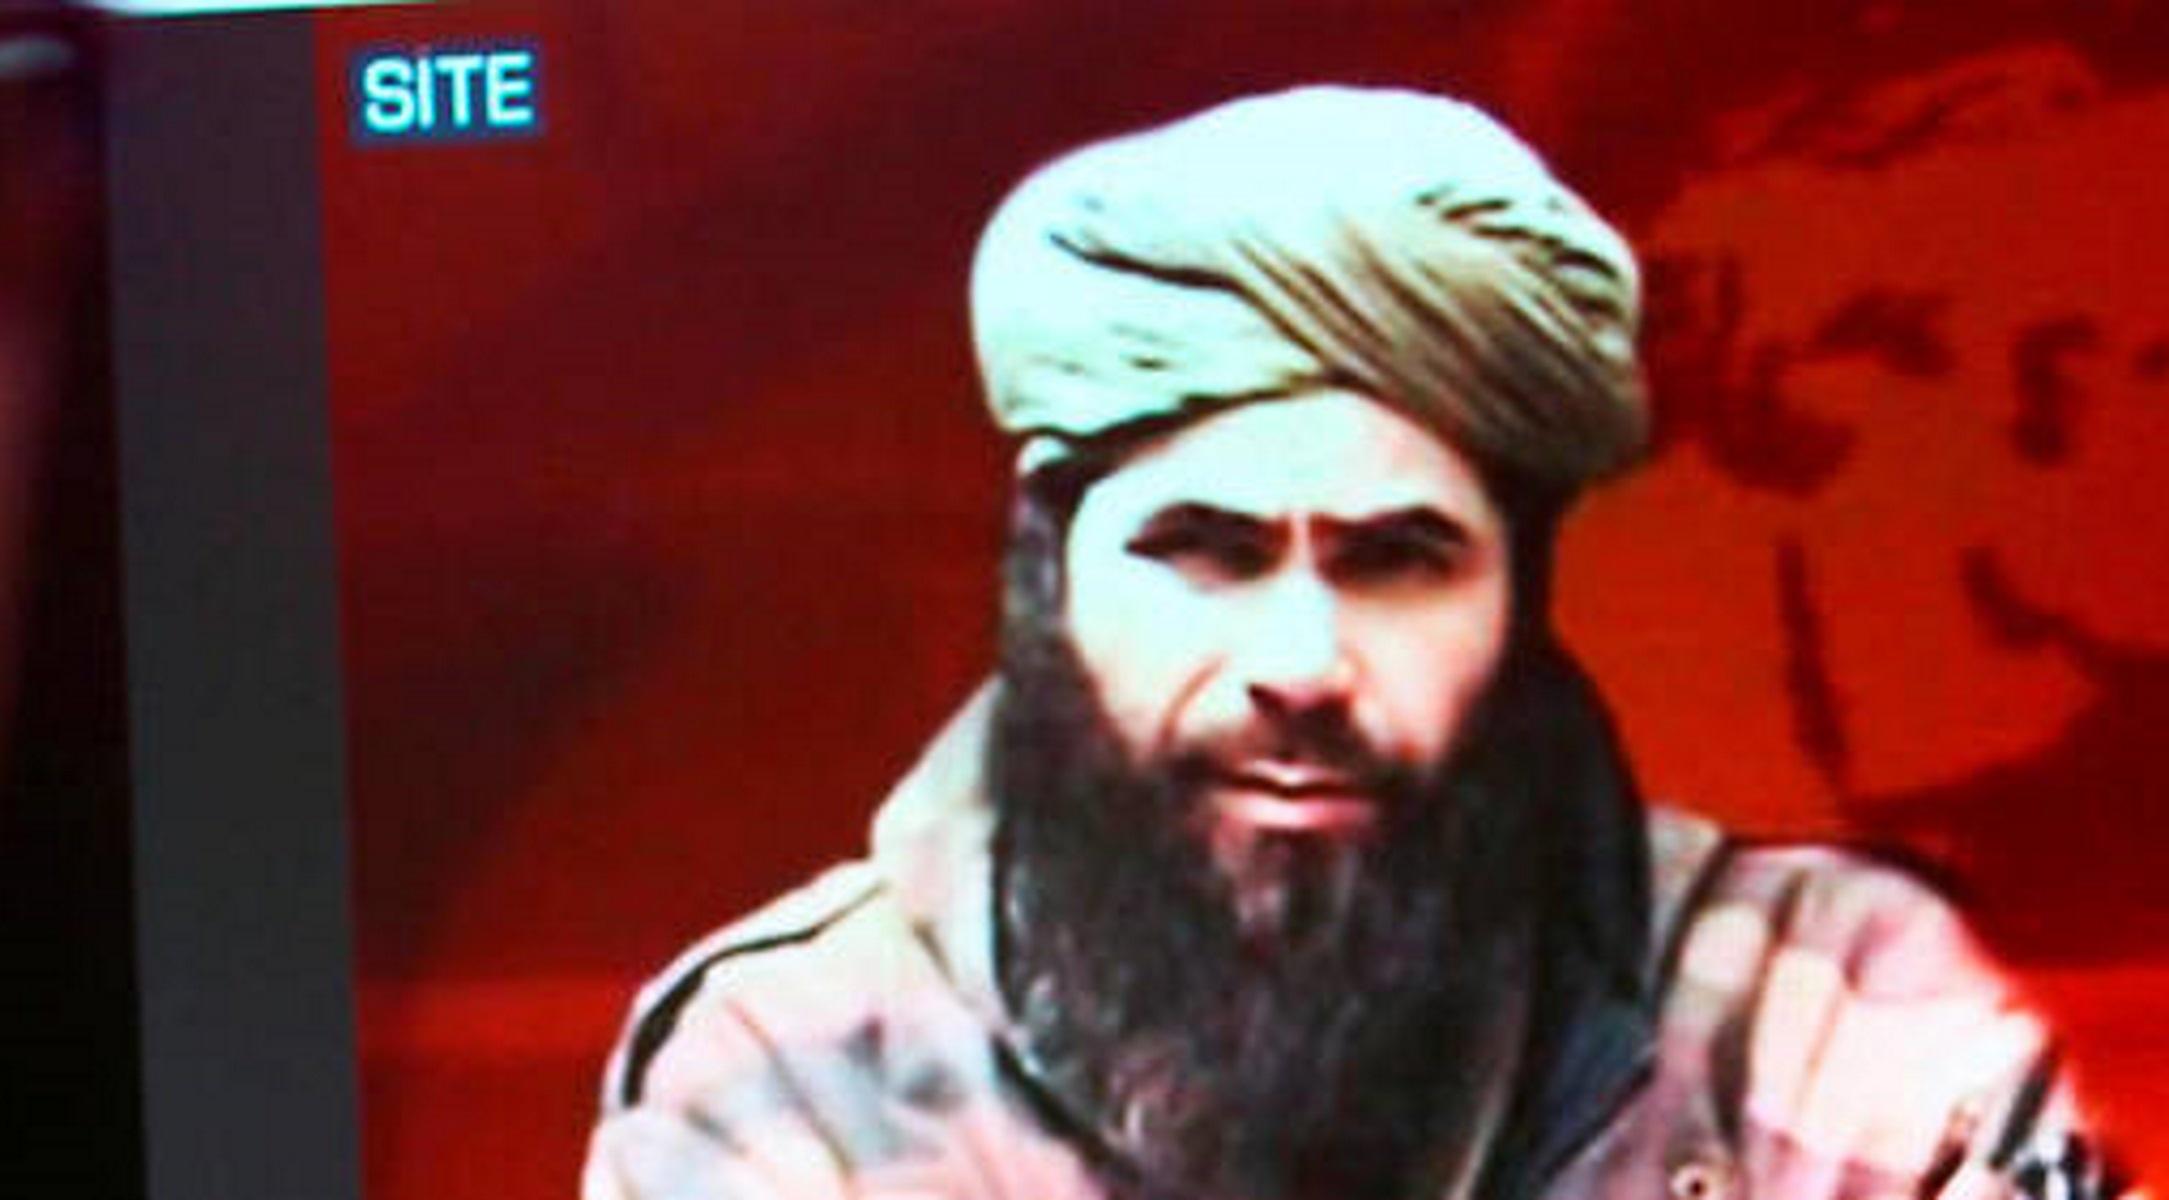 Νεκρός ο ηγέτης της Αλ Κάιντα στο Μαγκρέμπ